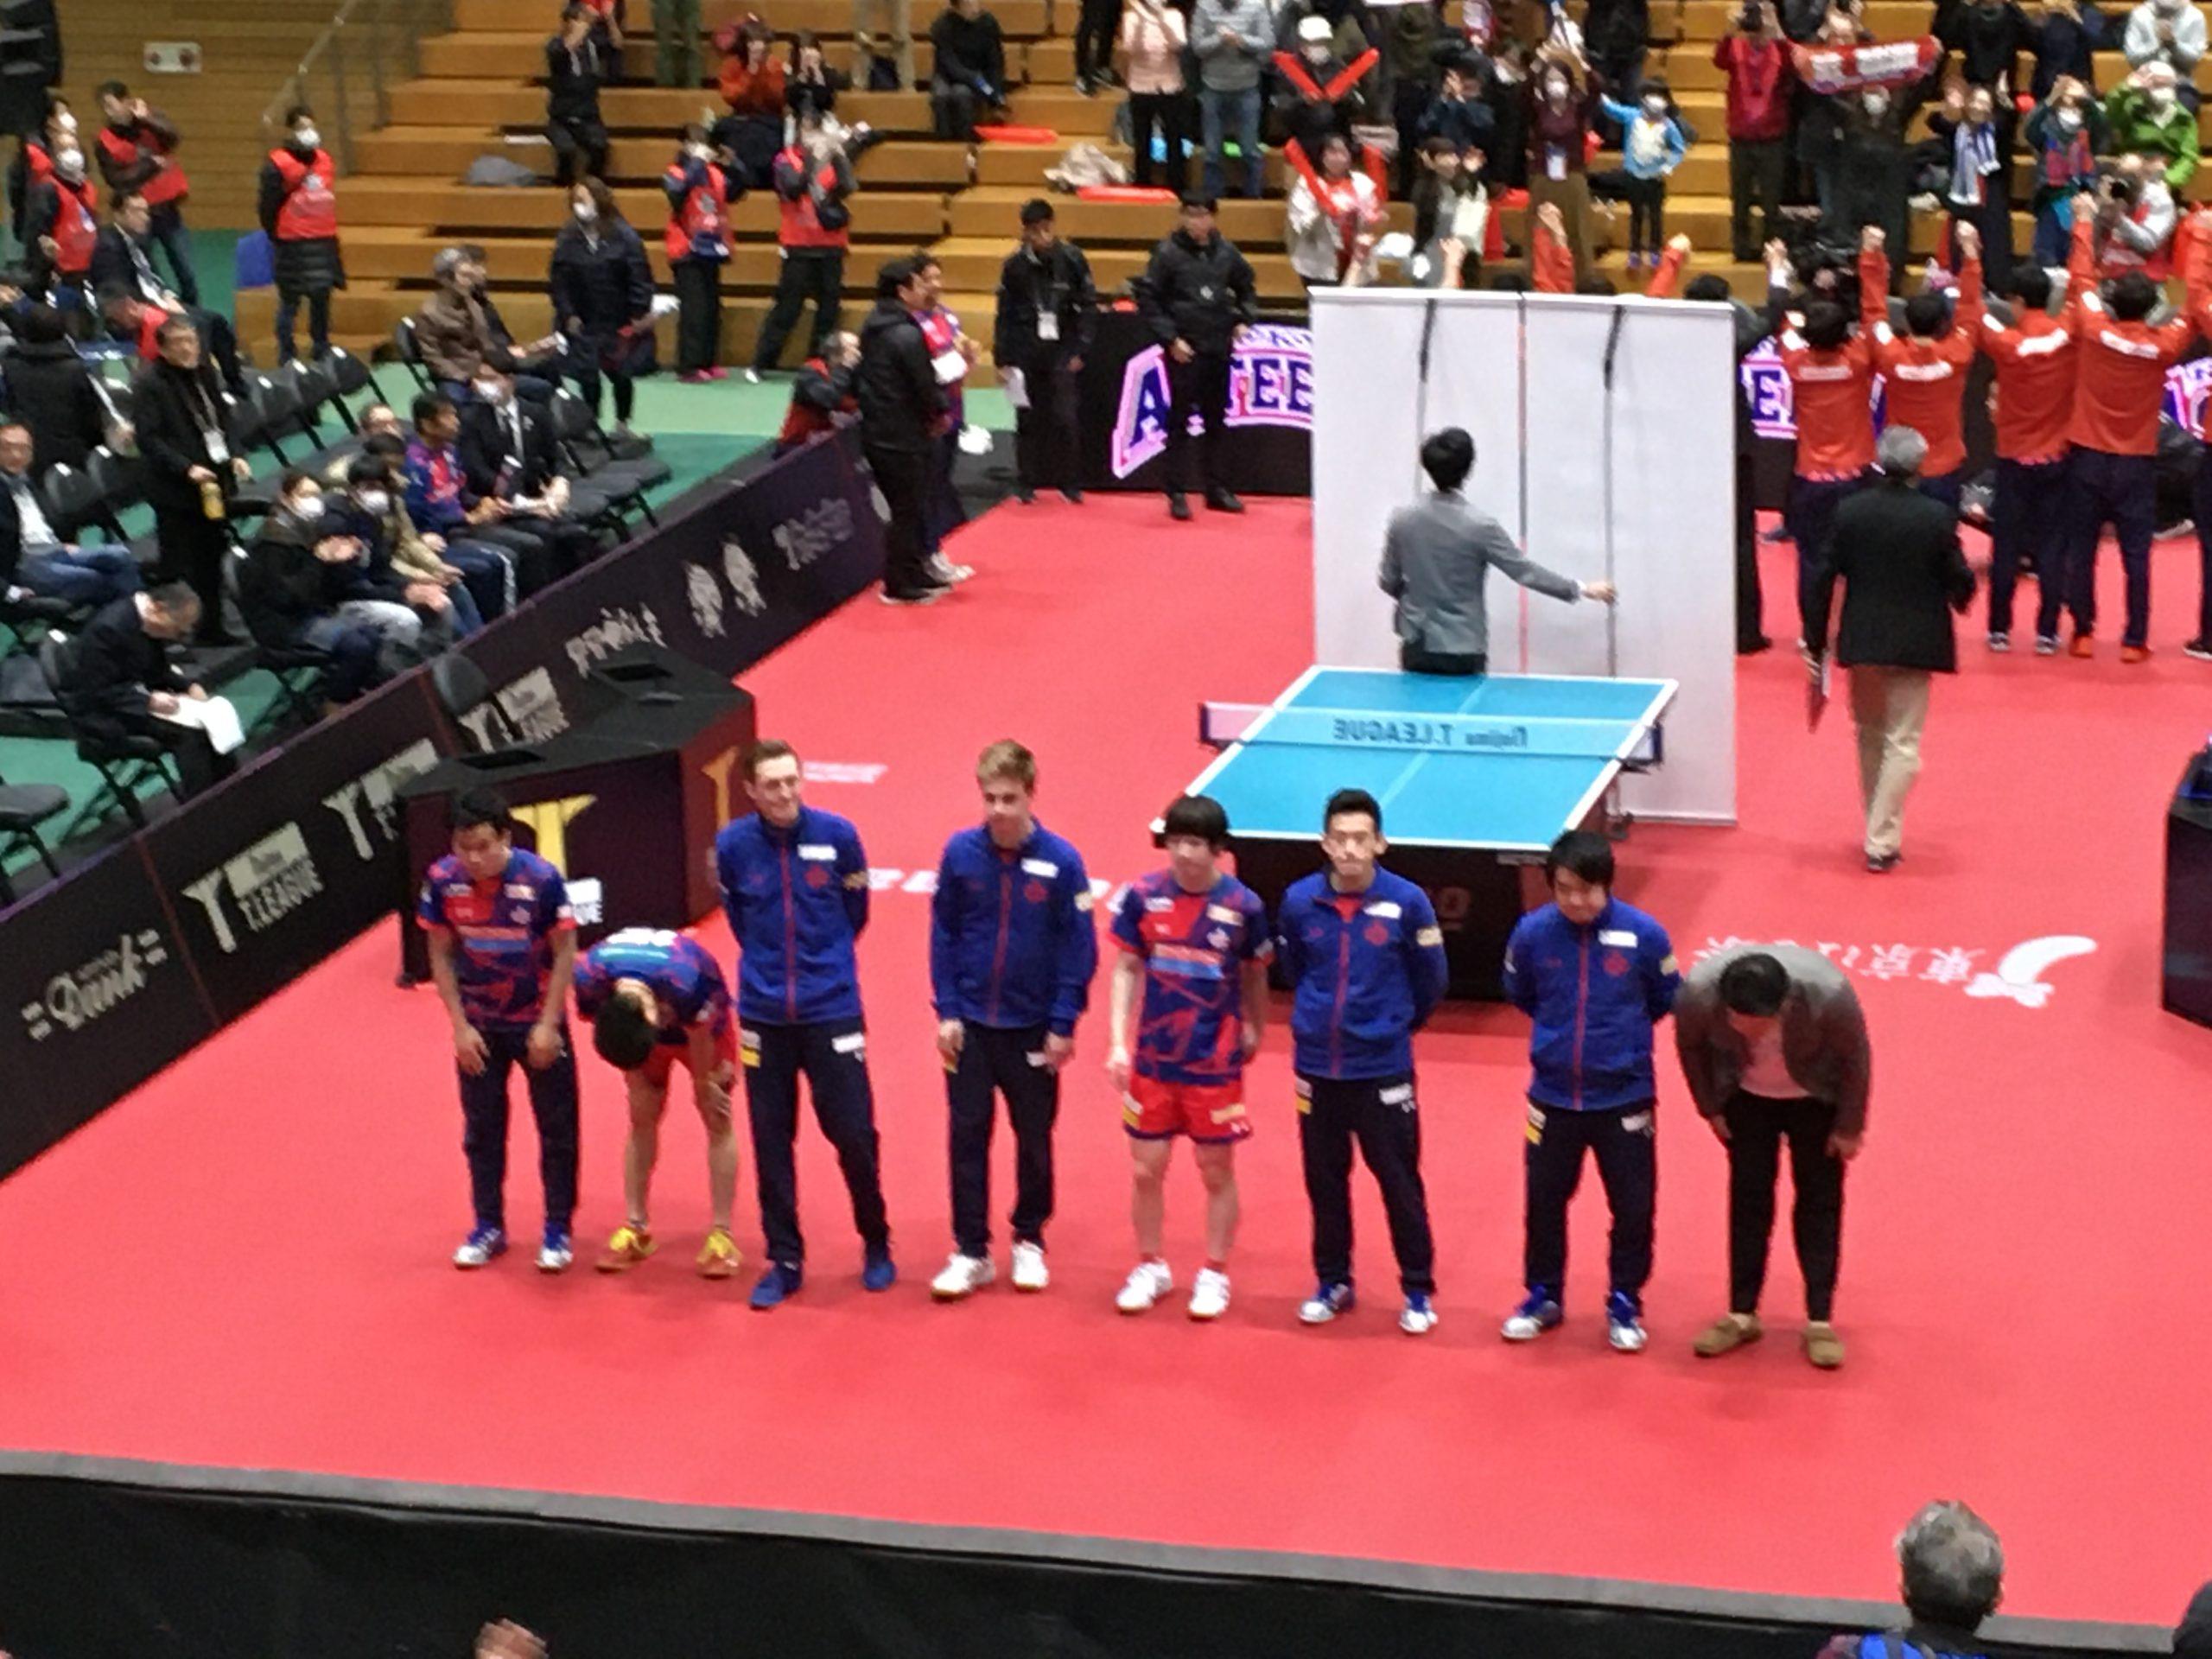 悲願のプレーオフ進出なるか T.T彩たま久喜で2019-20シーズン最終戦